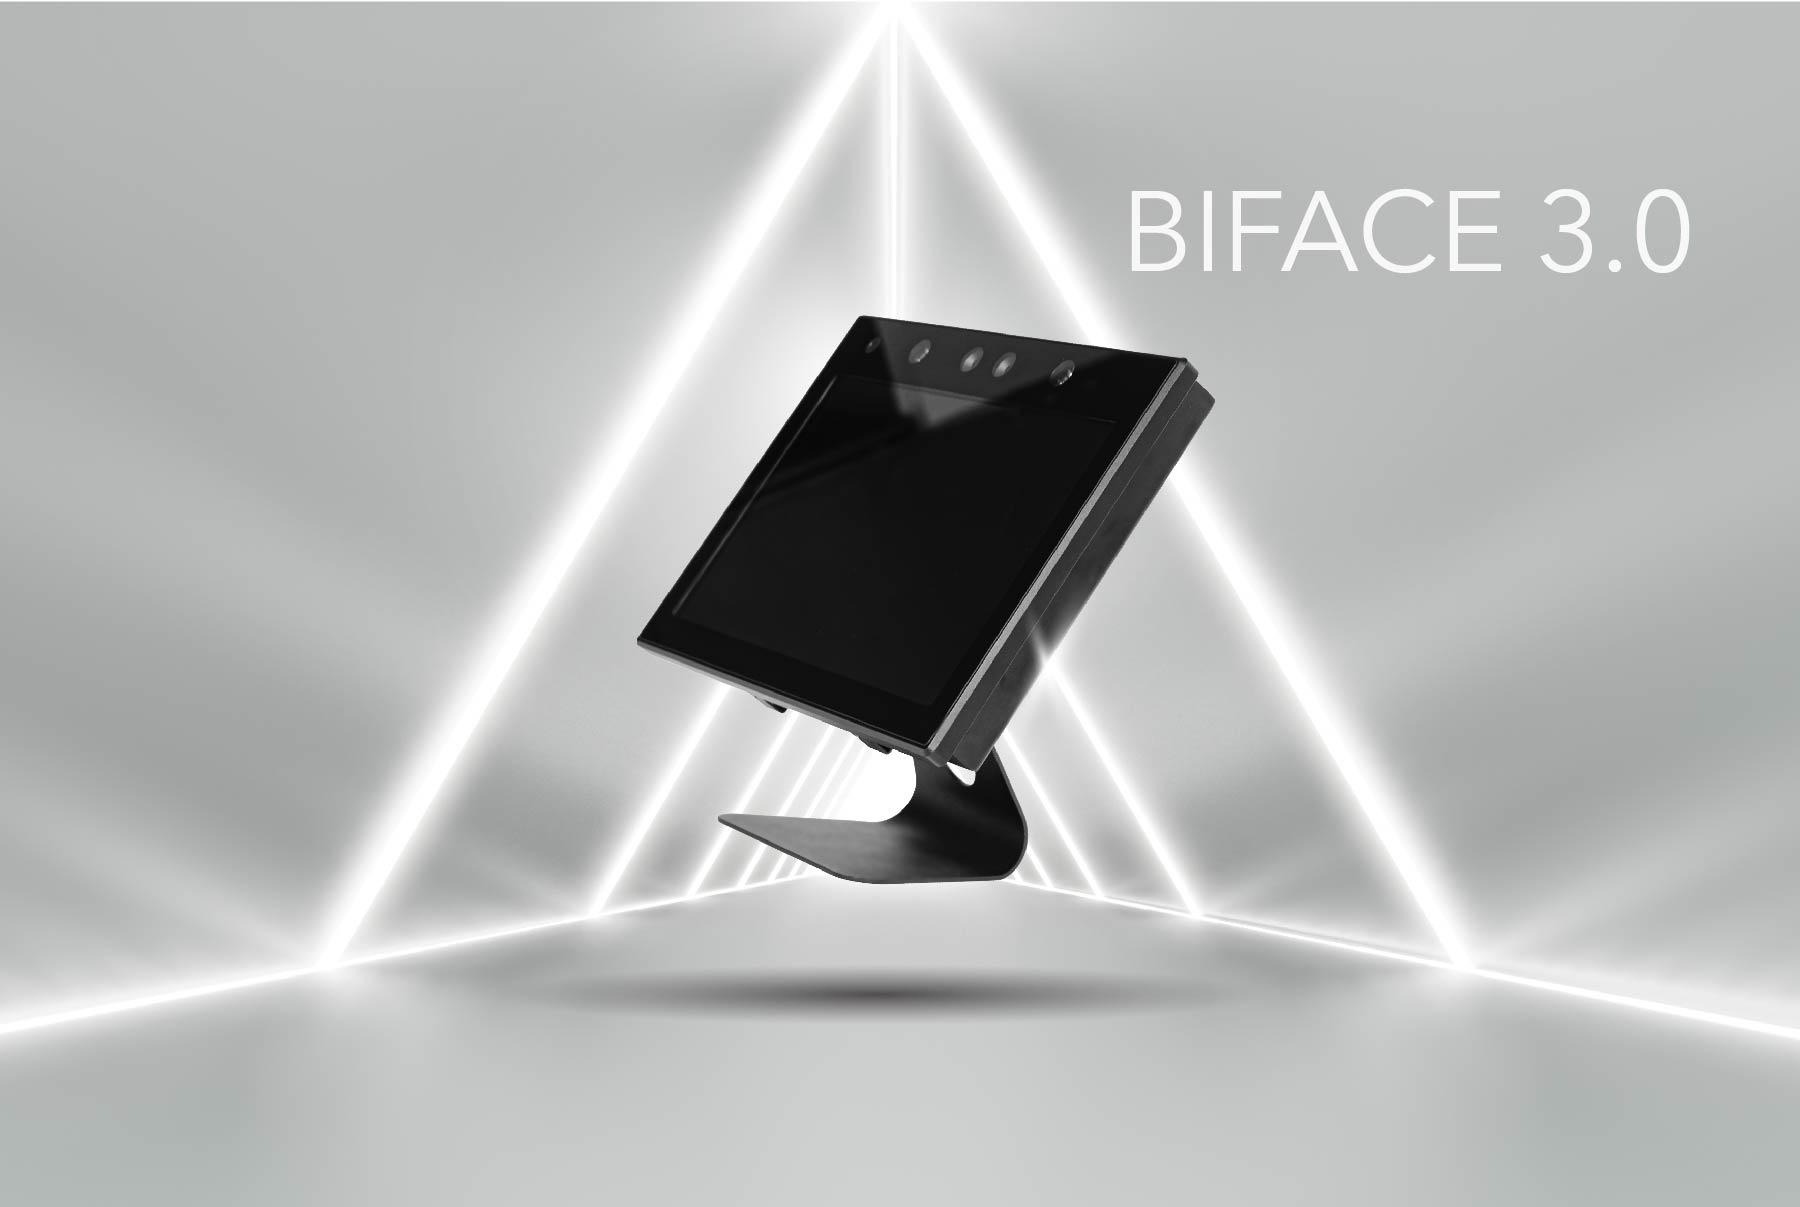 Máy chấm công nhận diện khuôn mặt Biface